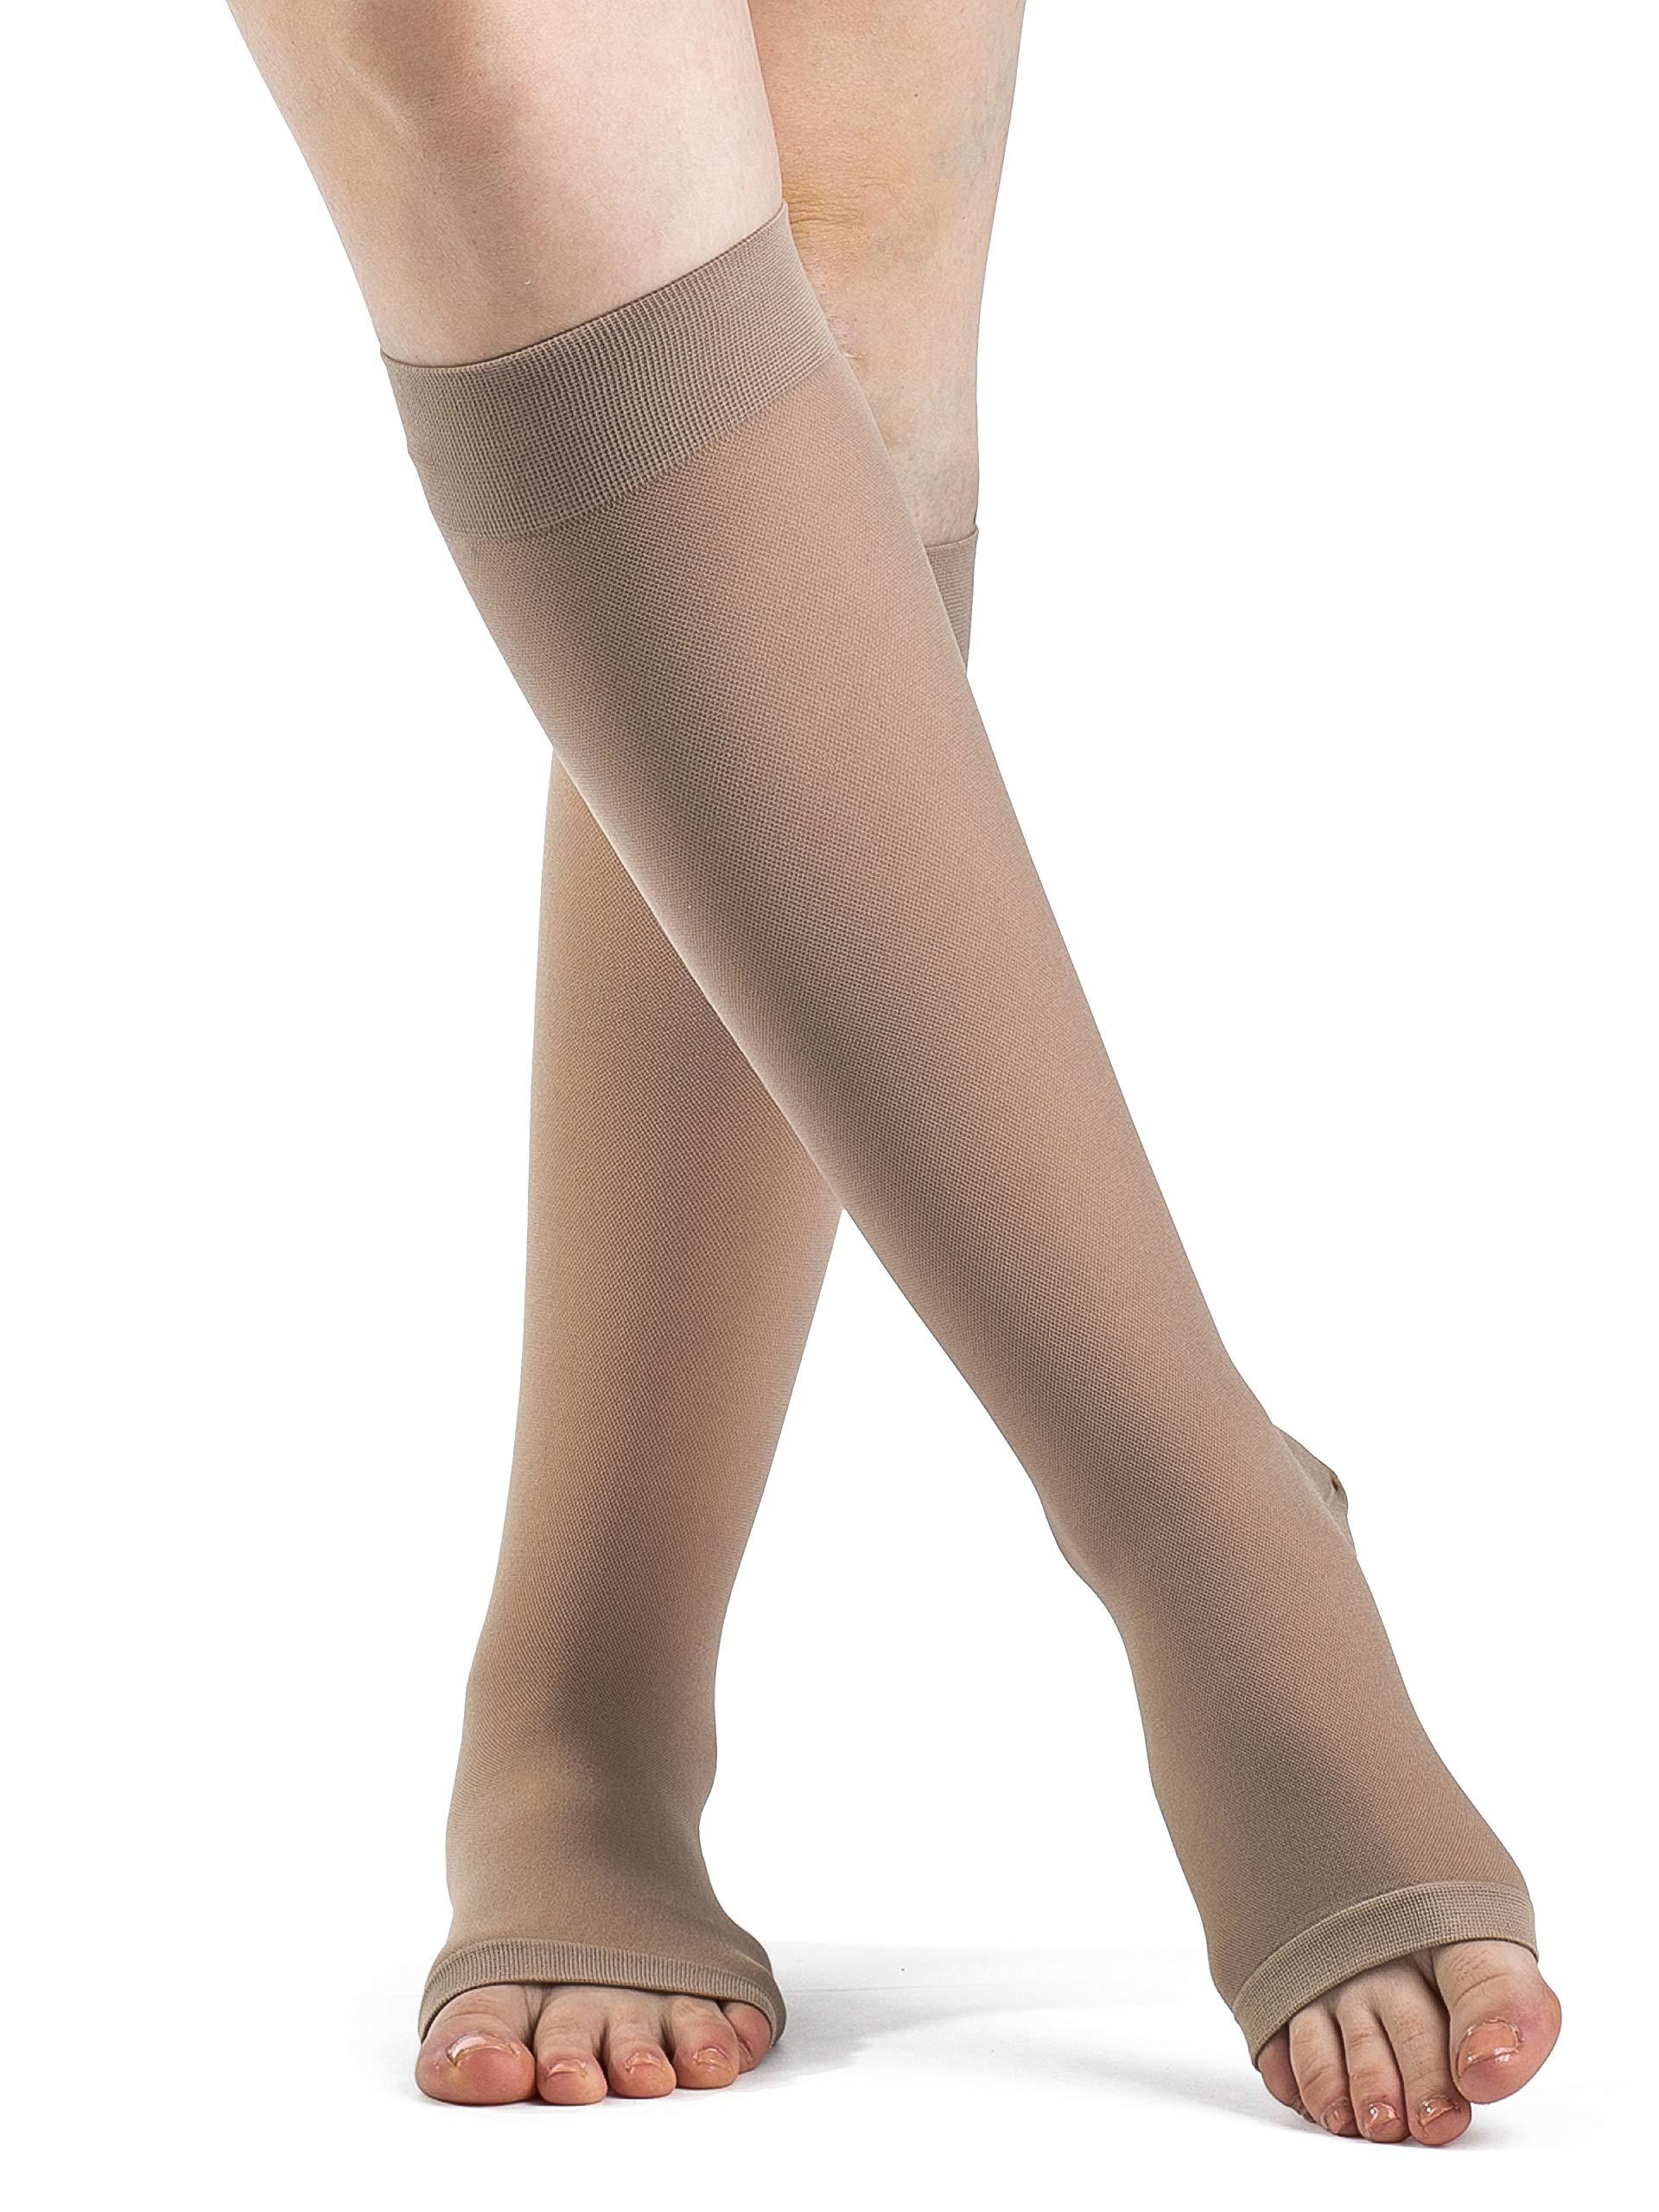 SIGVARIS Women's DYNAVEN Open Toe Calf-High Socks 15-20mmHg